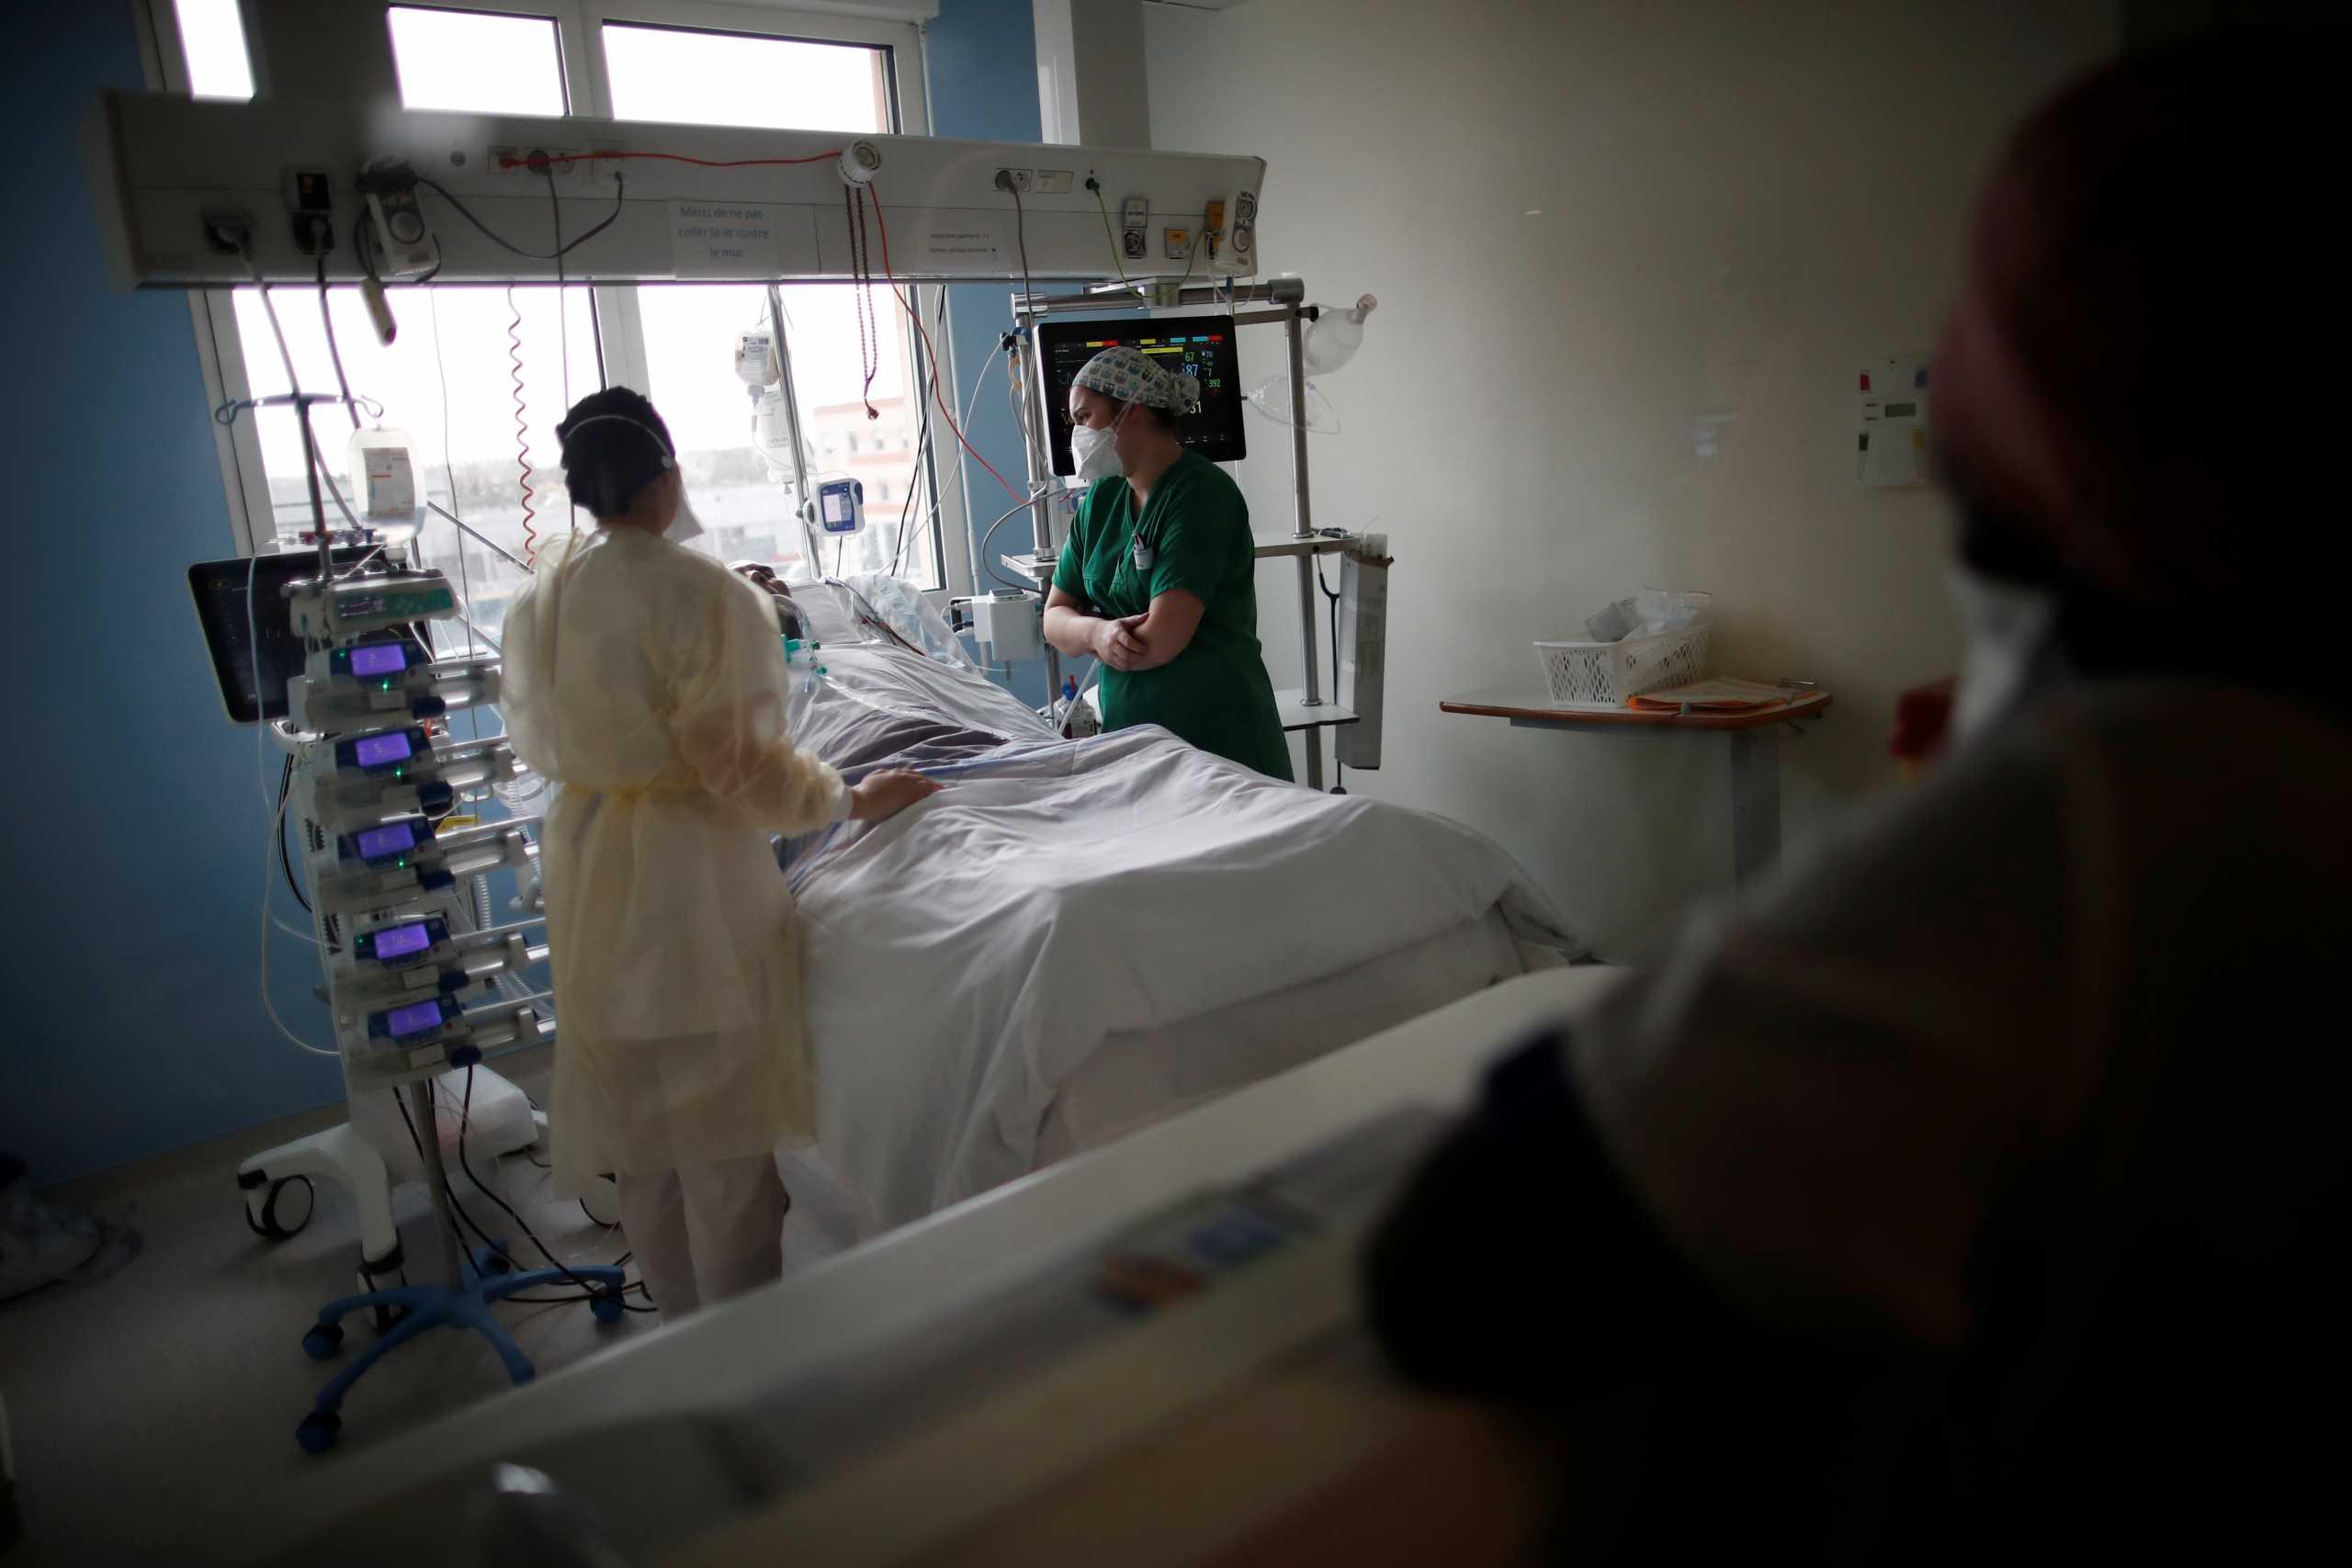 Σαρώνει ο κορονοϊός στη Γαλλία: Αντιμέτωπα με «βίαιο σοκ» τα νοσοκομεία